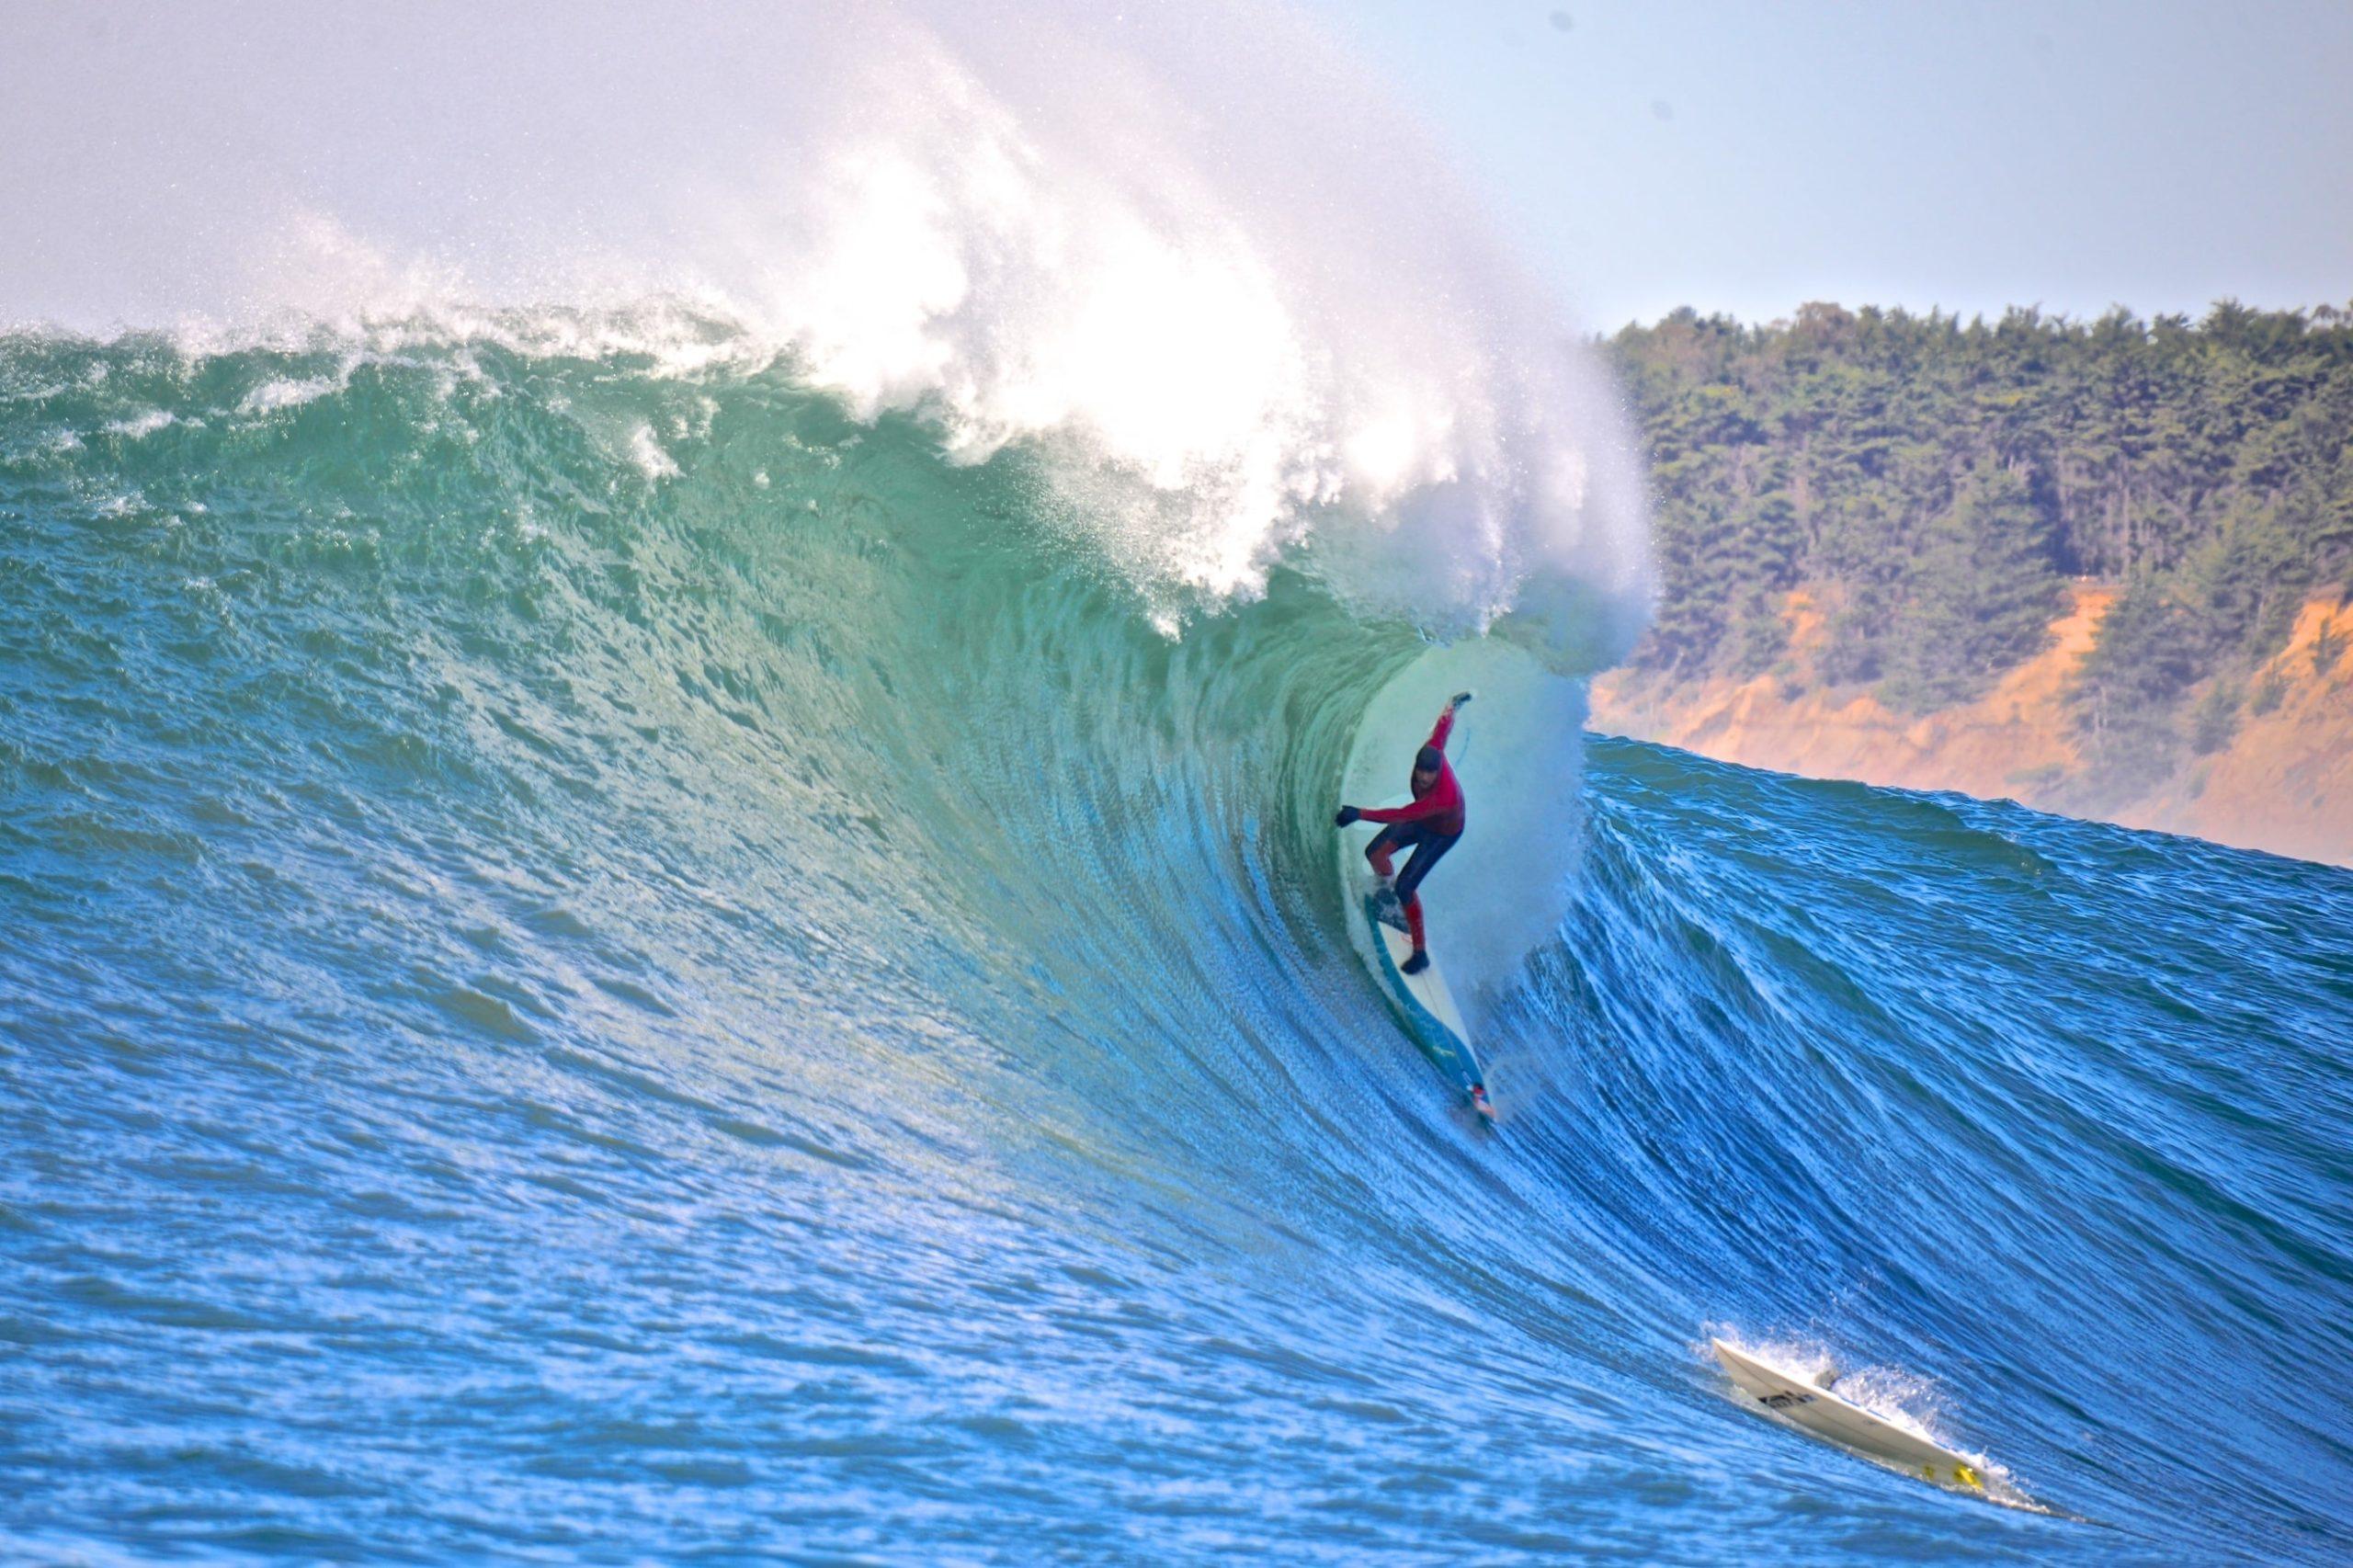 Surfing Santa Cruz - Mavericks